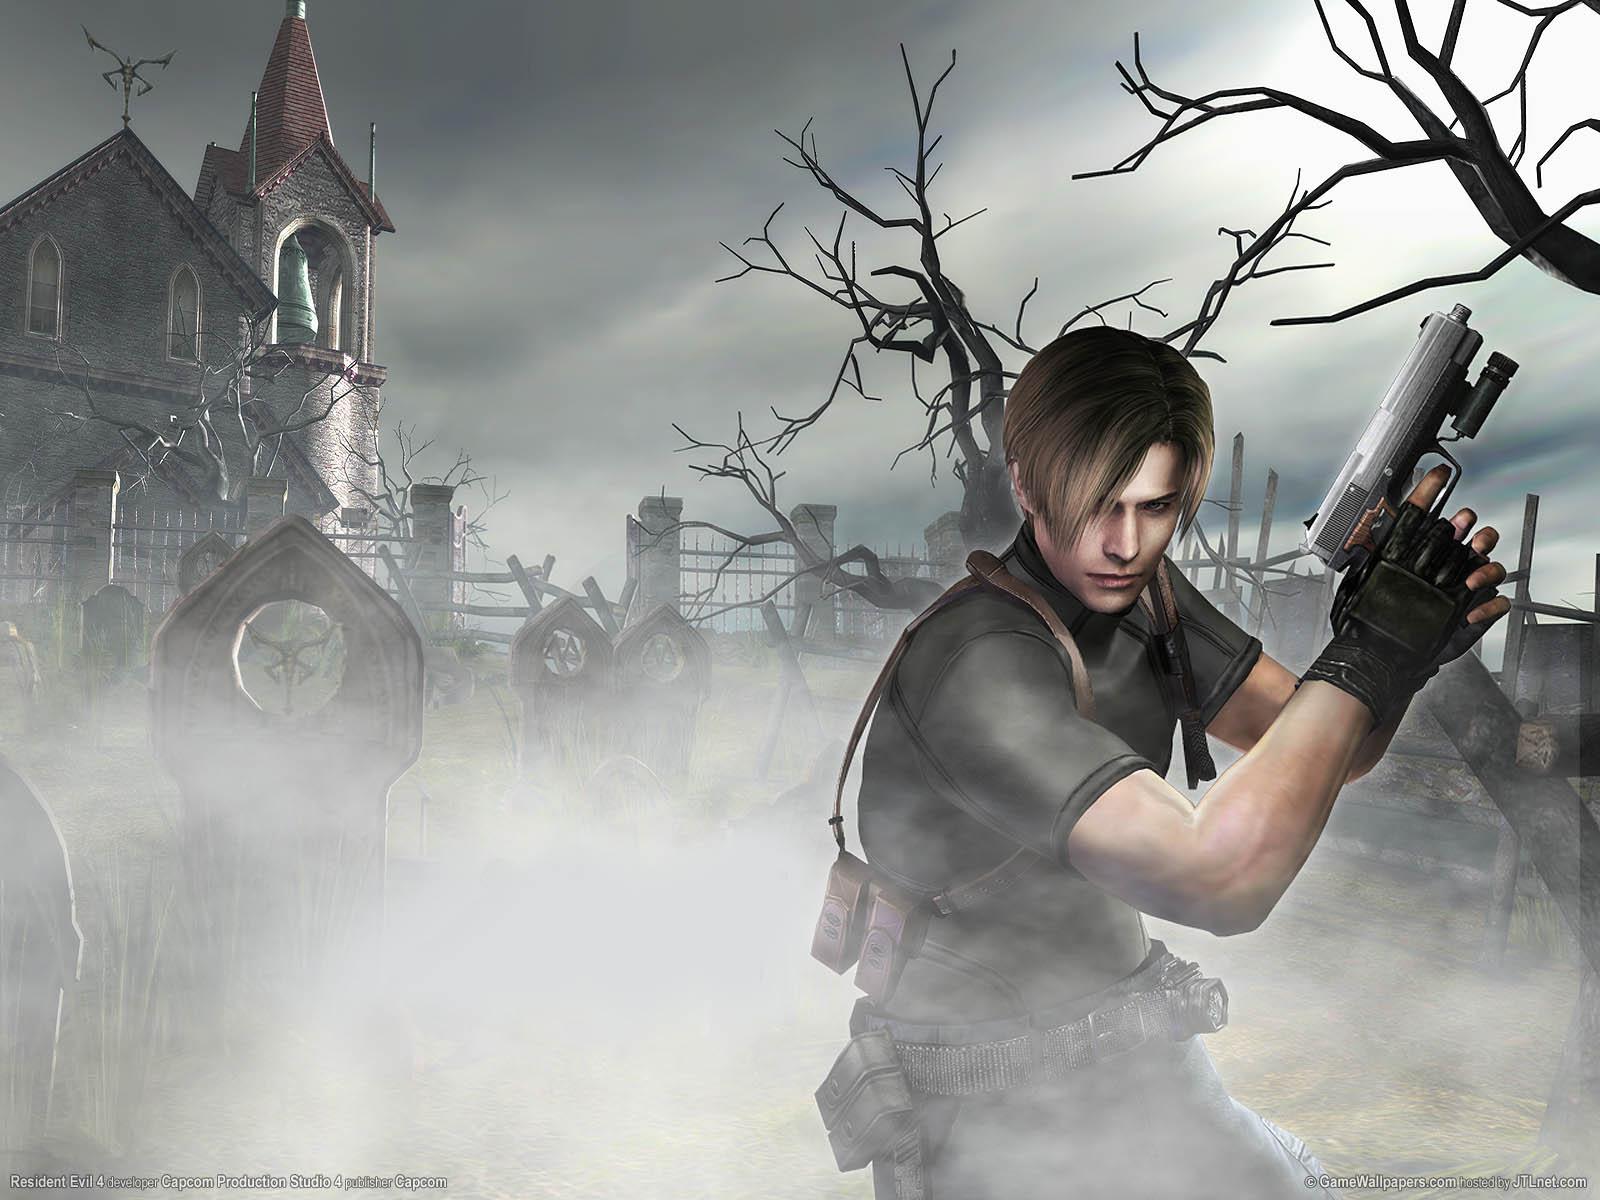 Resident Evil 4 wallpaper 01 1600x1200